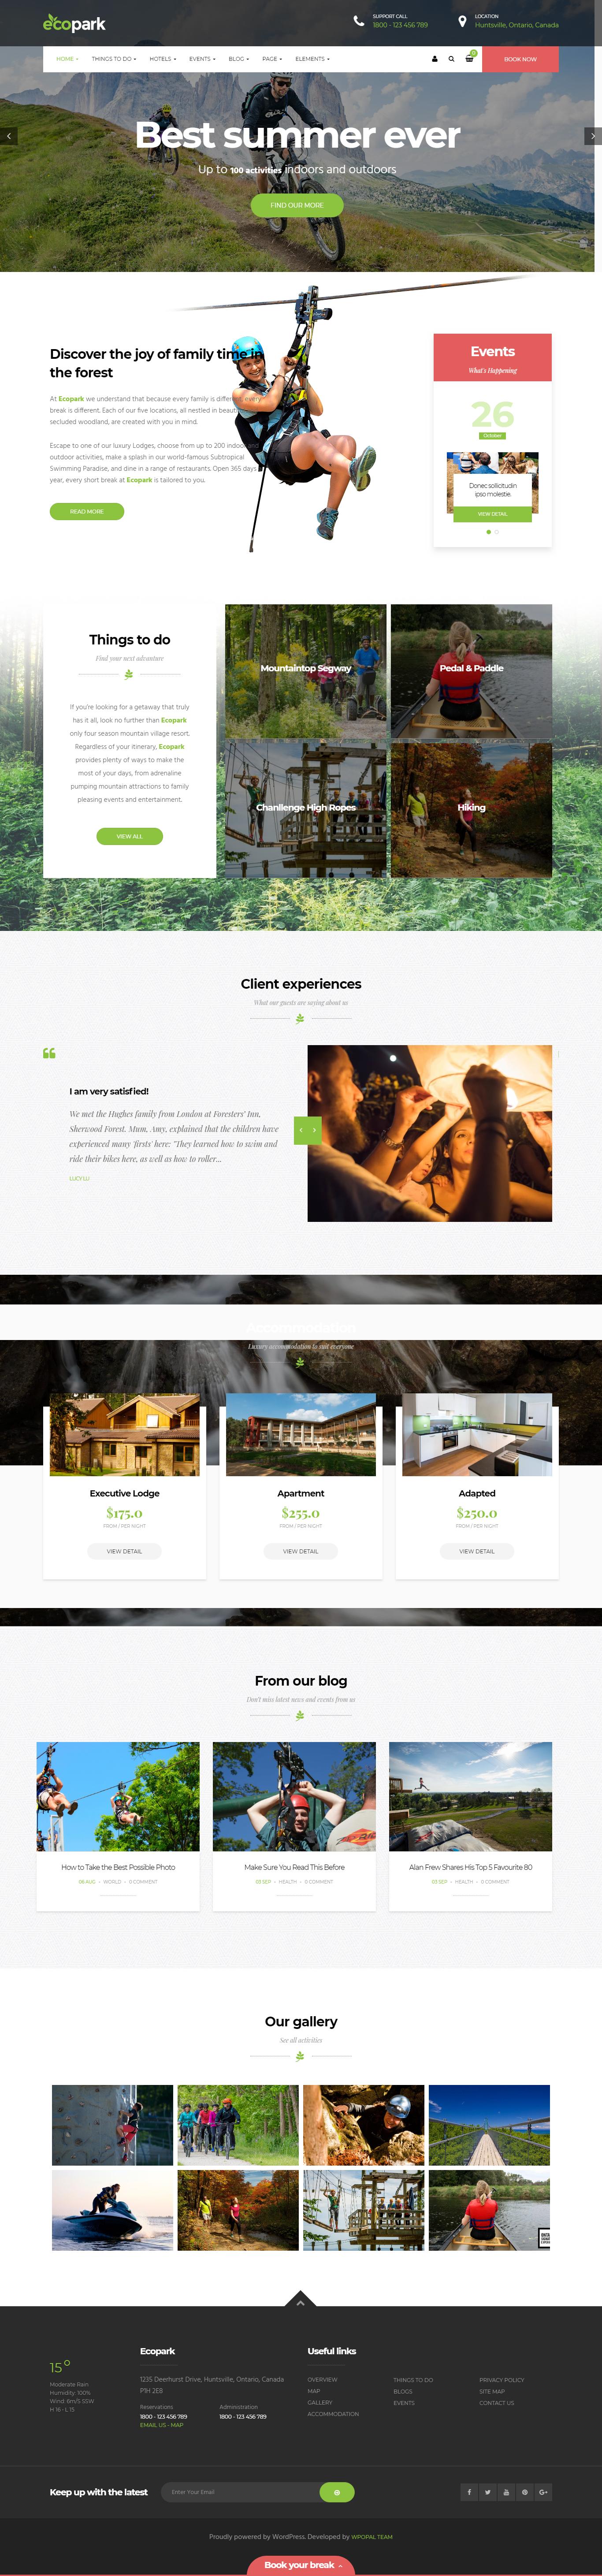 Ecopark- Best Premium Outdoor Activities WordPress Theme